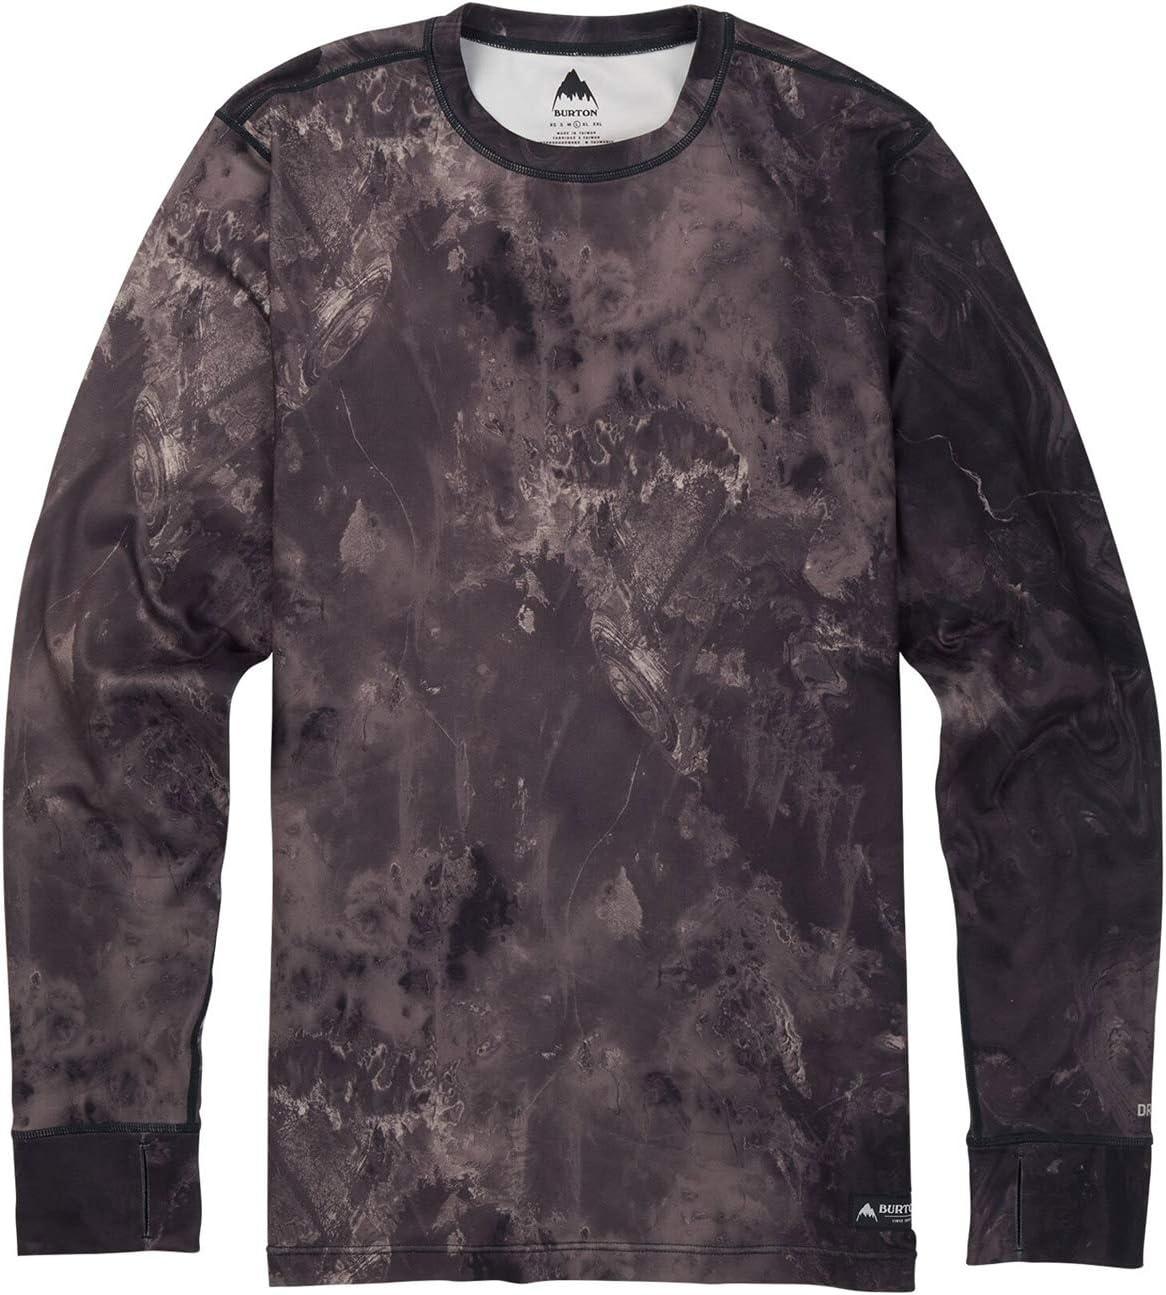 Burton Midweight Crew Camiseta Térmica, Hombre: Amazon.es: Deportes y aire libre